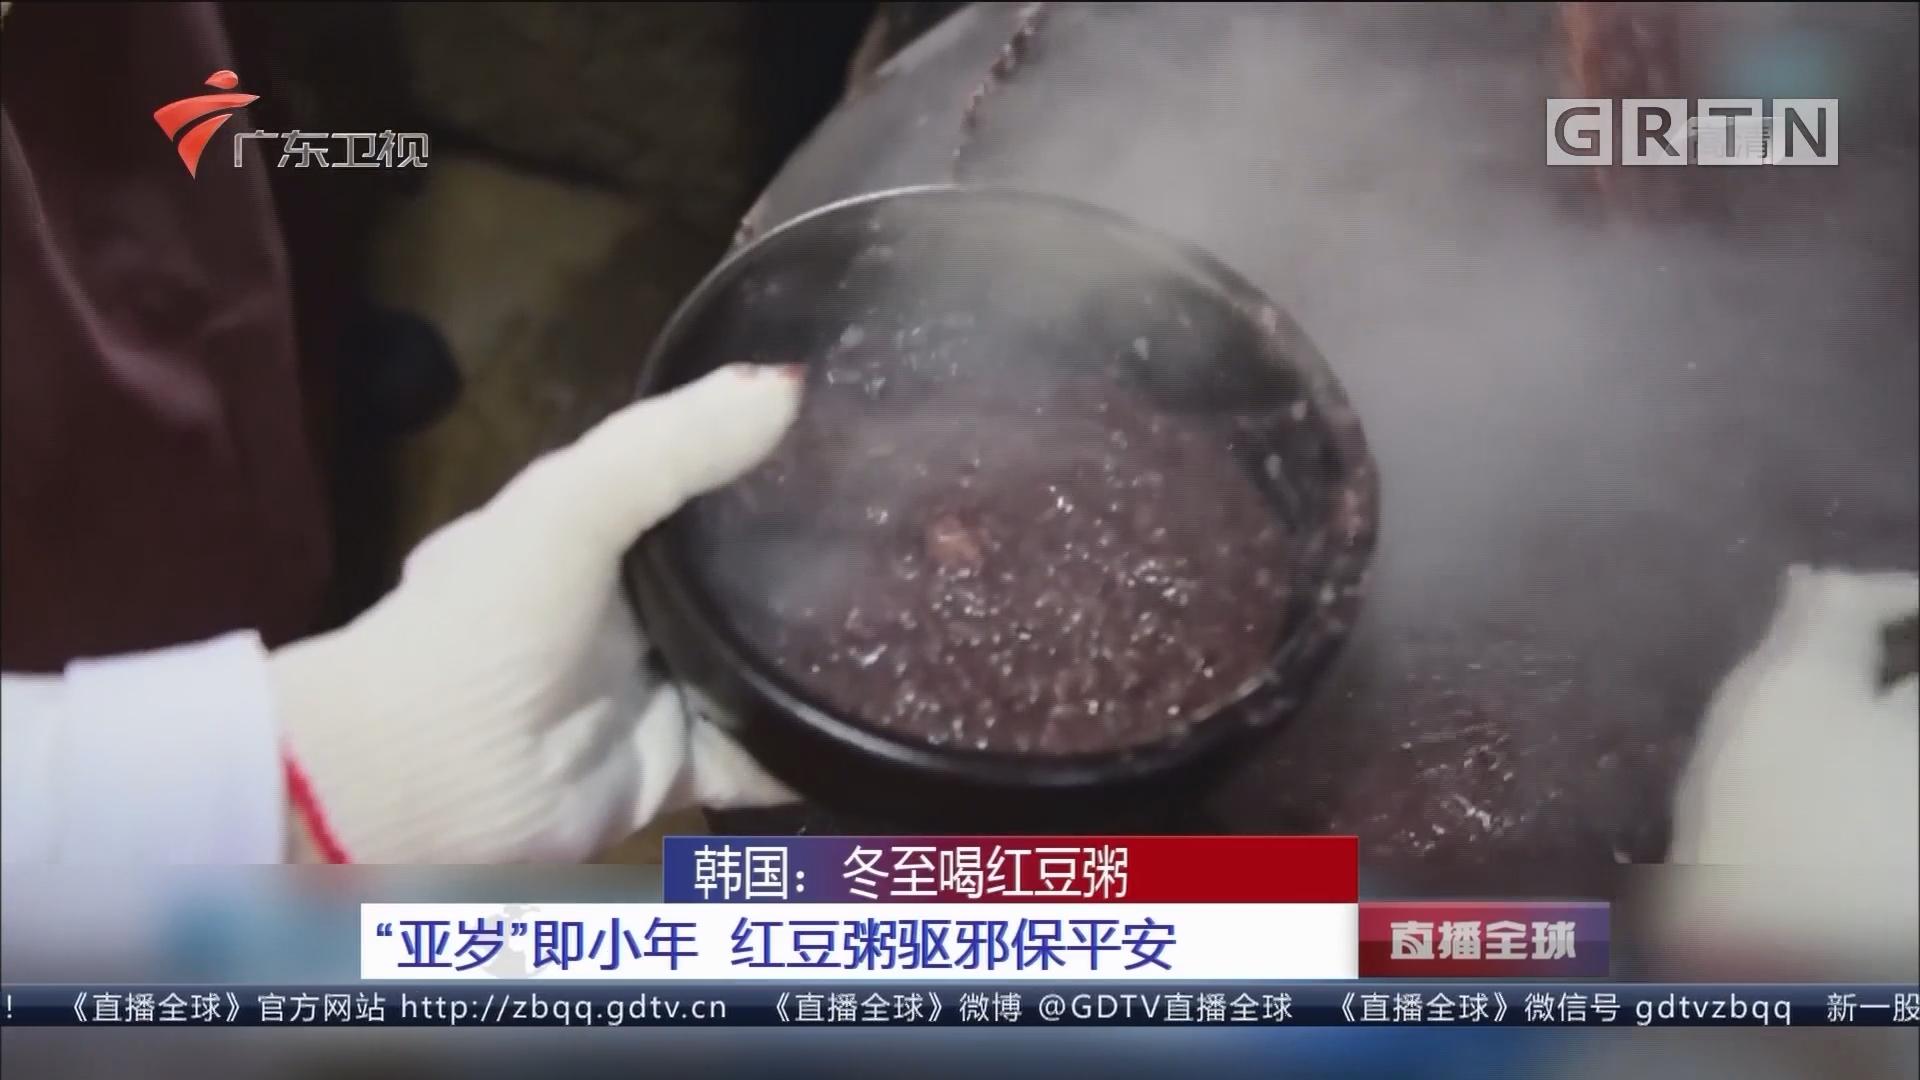 """韩国:冬至喝红豆粥 """"亚岁""""即小年 红豆粥驱邪保平安"""